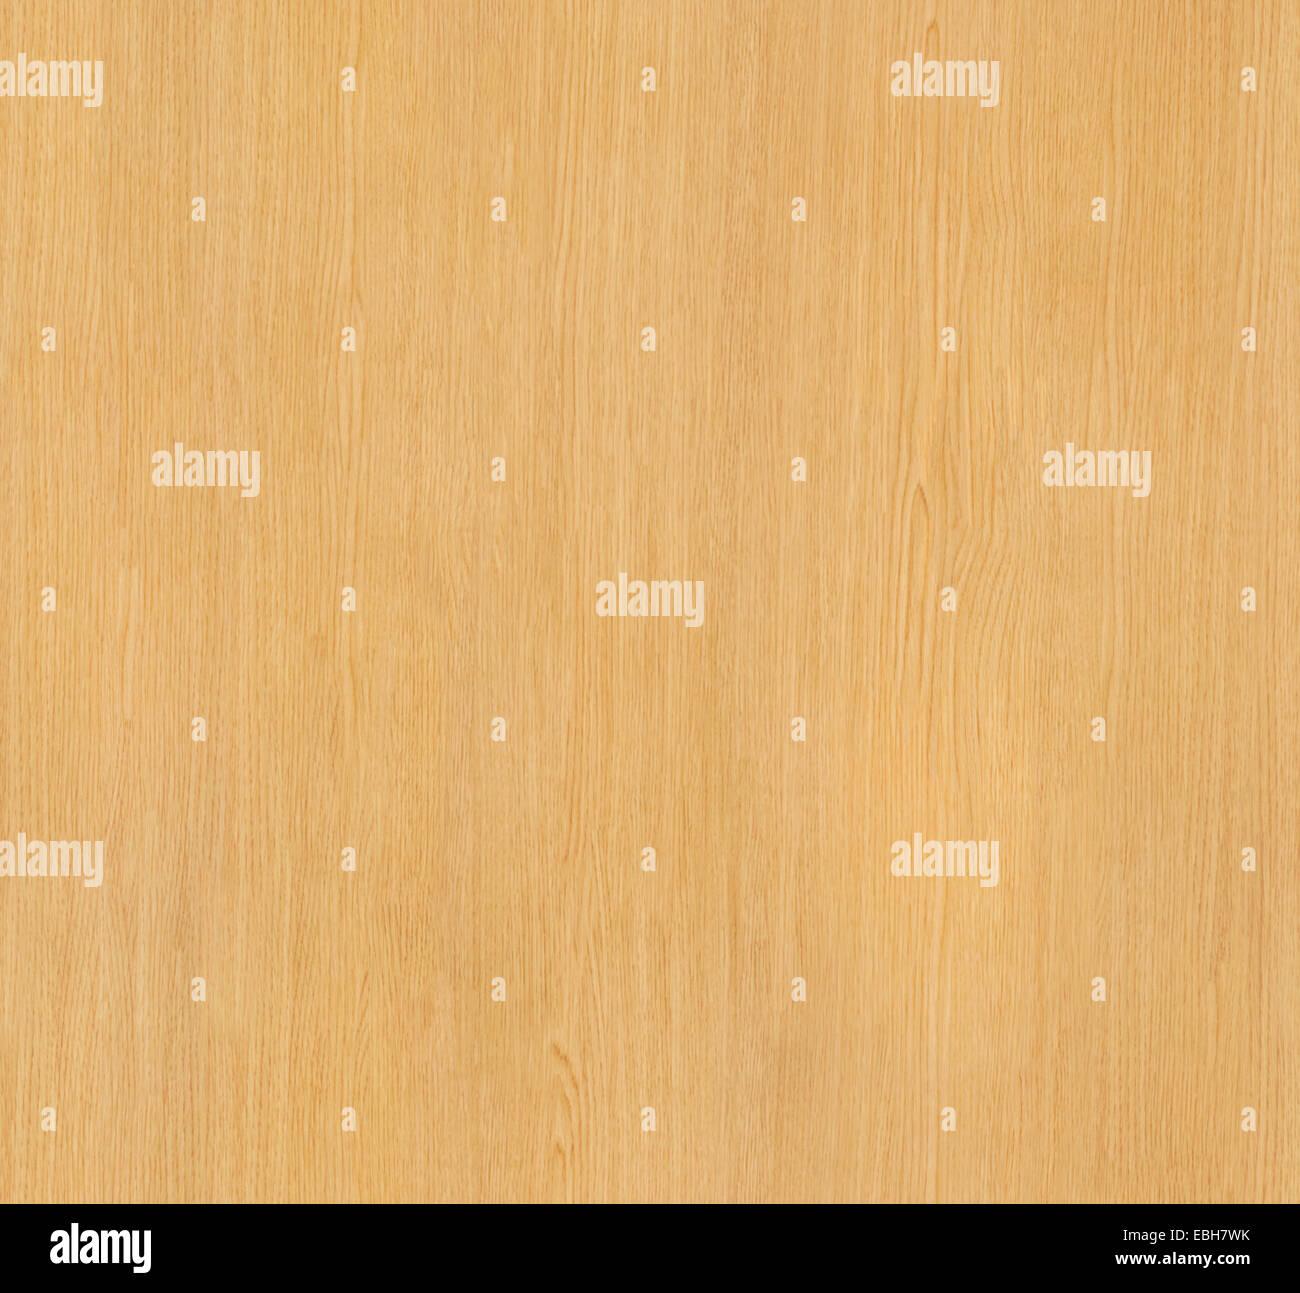 Texture de fond sans soudure en bois clair avec des grains et des nœuds, l'arrière-plan peut être Photo Stock